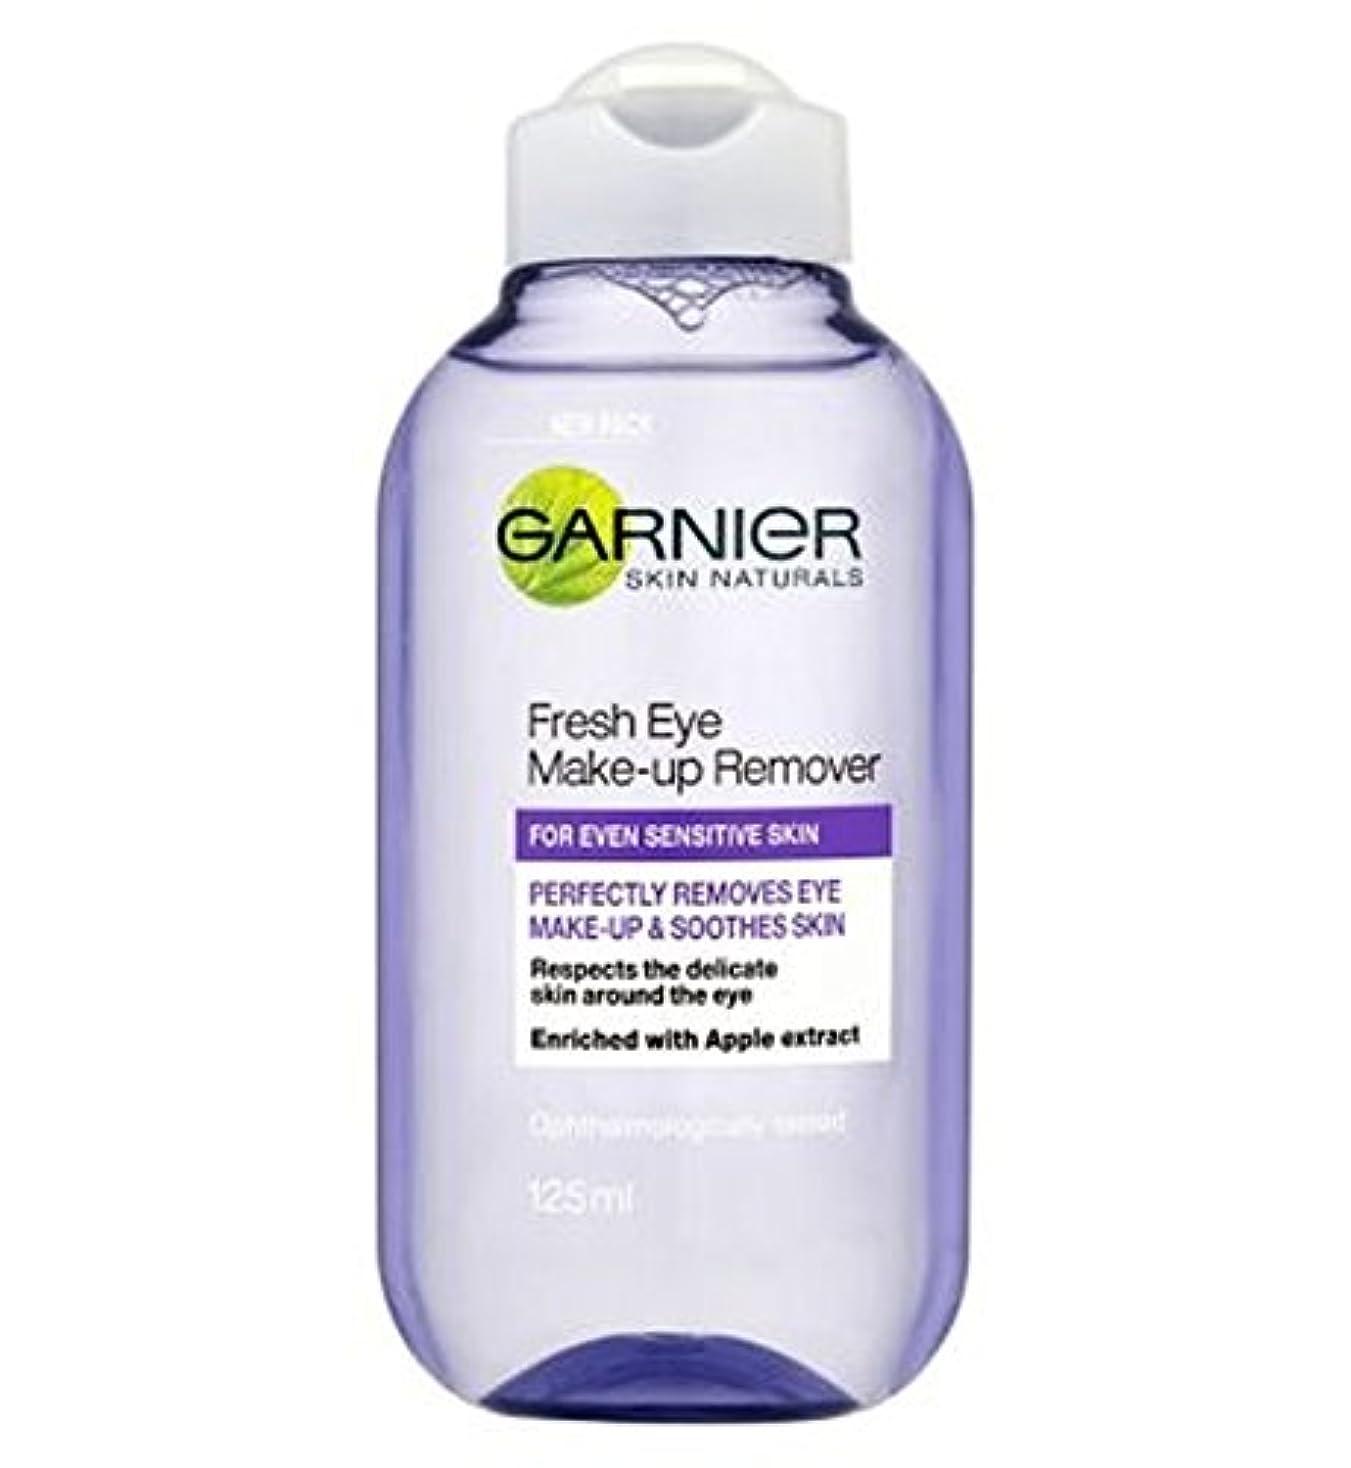 公爵夫人包括的マットレスガルニエ新鮮な目作るリムーバー125ミリリットル (Garnier) (x2) - Garnier Fresh Eye Make Up Remover 125ml (Pack of 2) [並行輸入品]